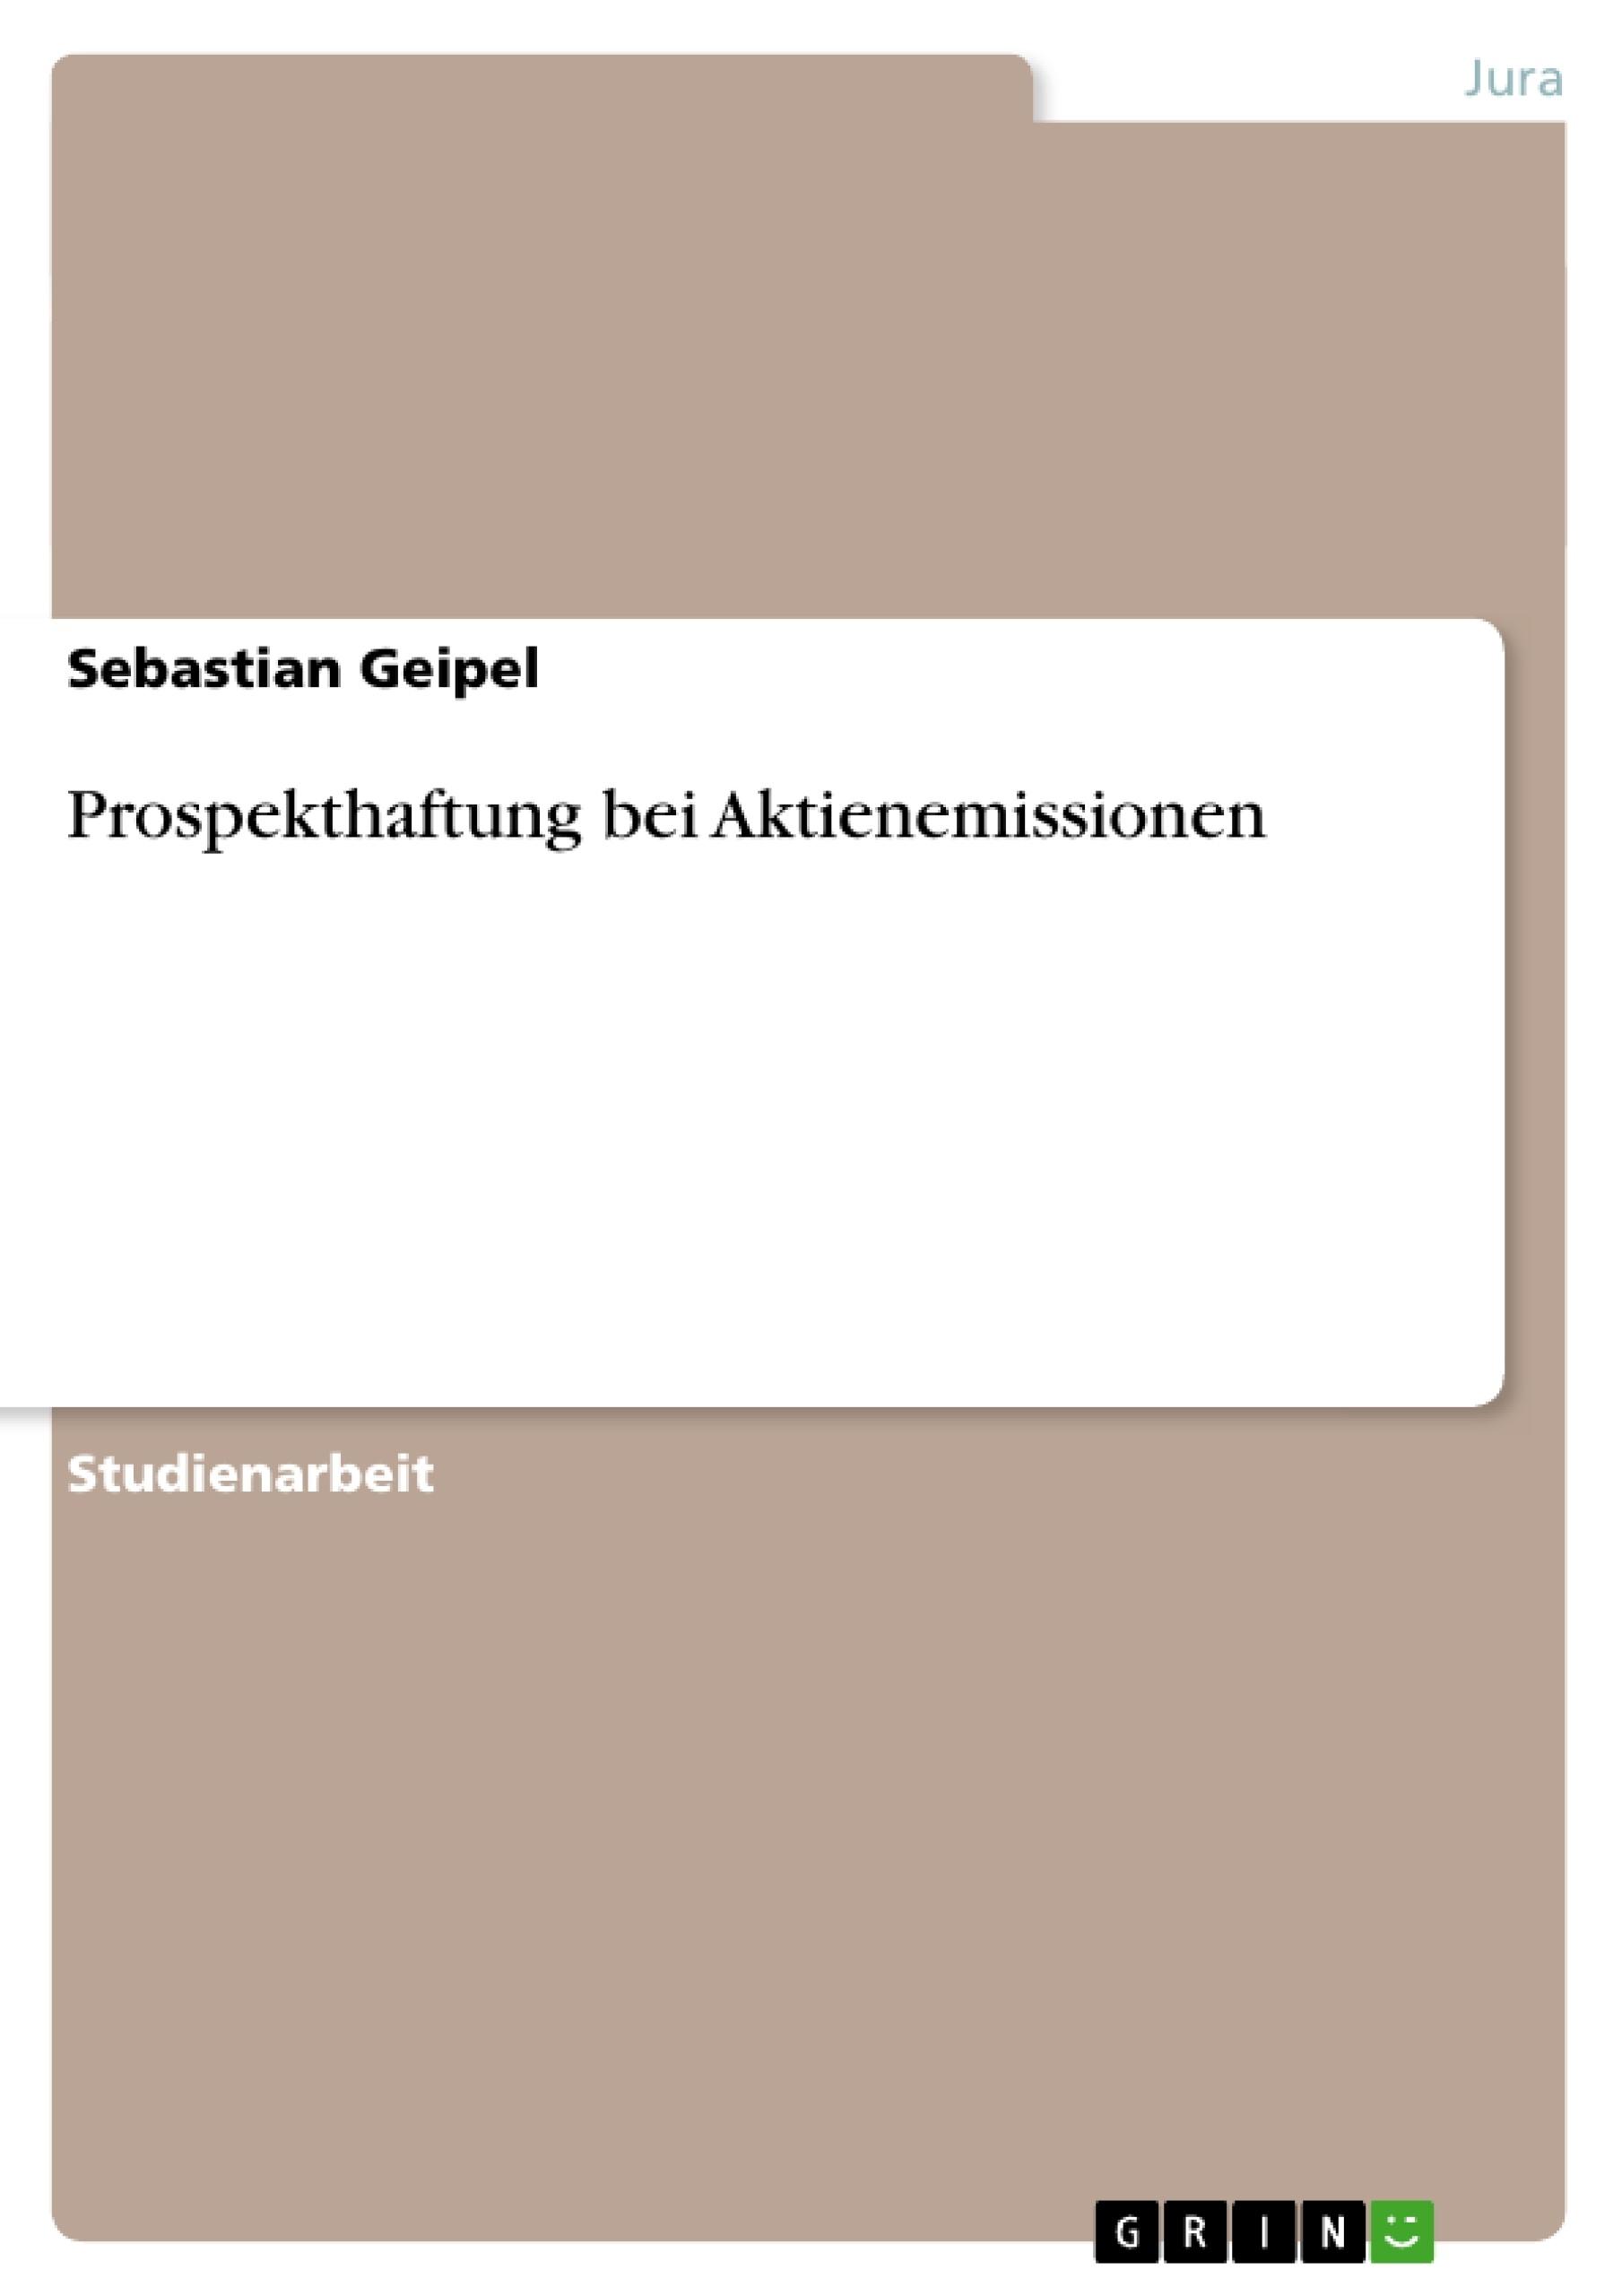 Titel: Prospekthaftung bei Aktienemissionen